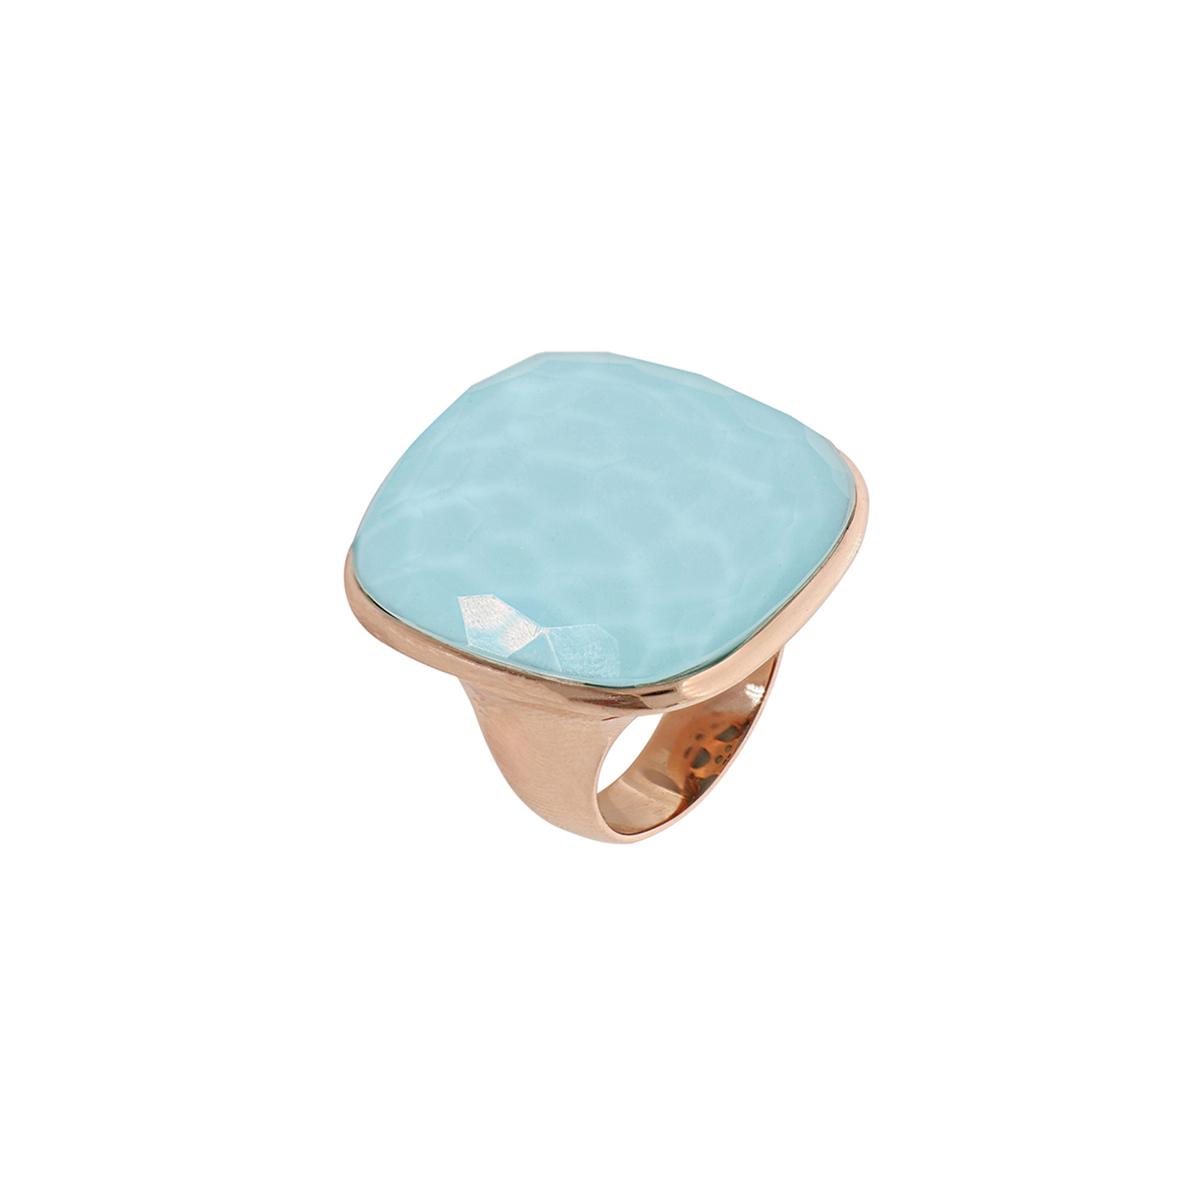 Multiple Facet Cut Quartz And Turquoise Ring